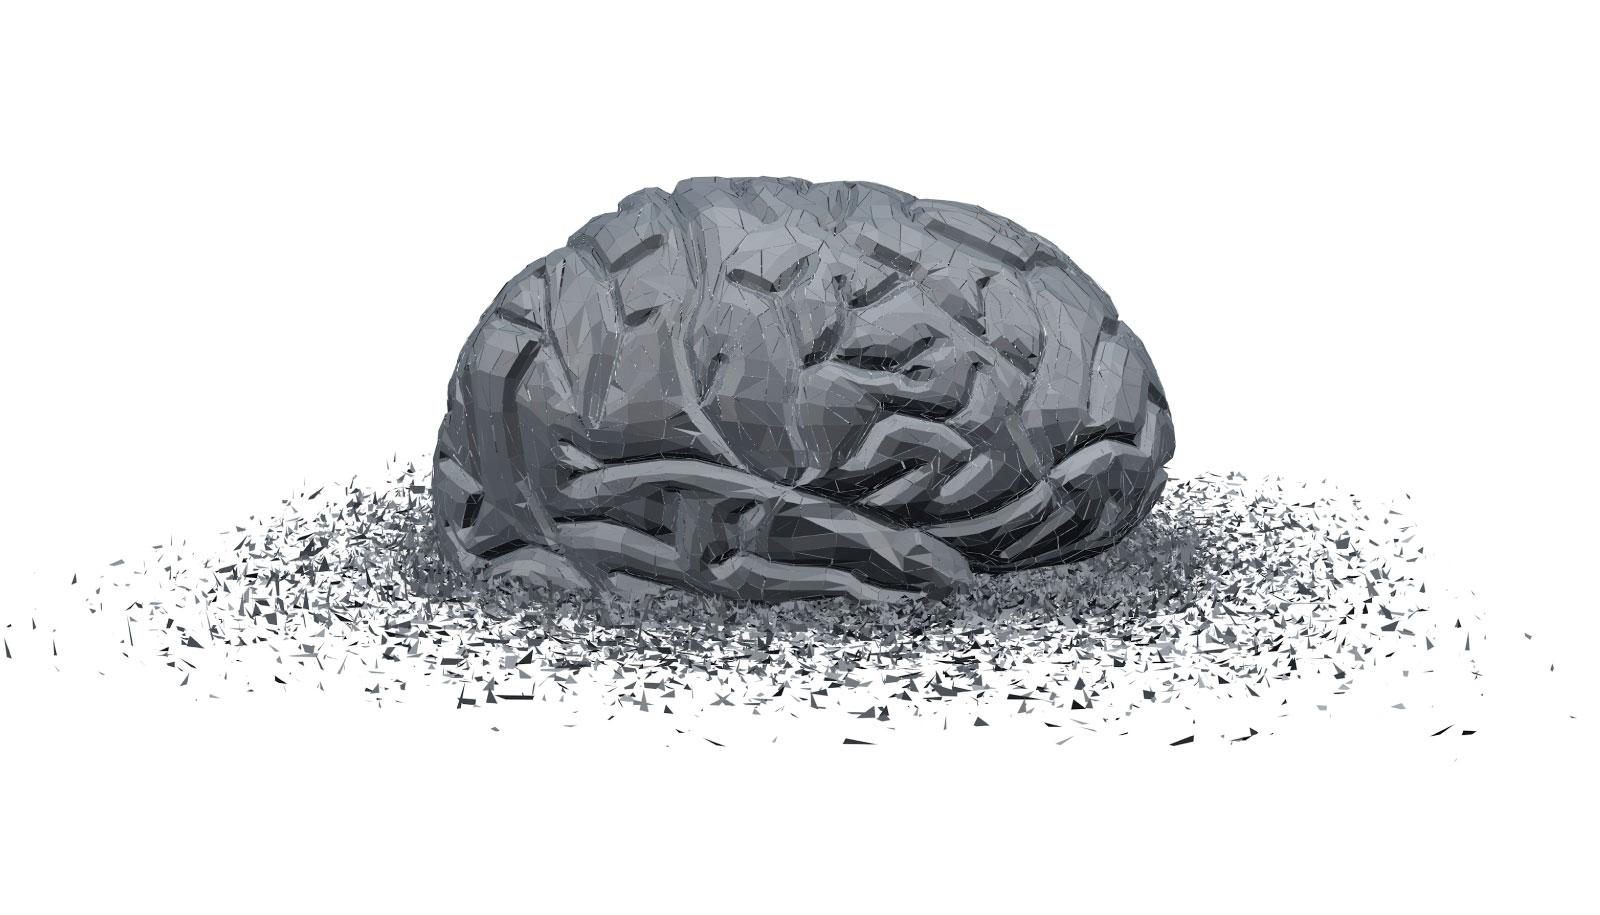 La Esquizofrenia y el deterioro cognitivo